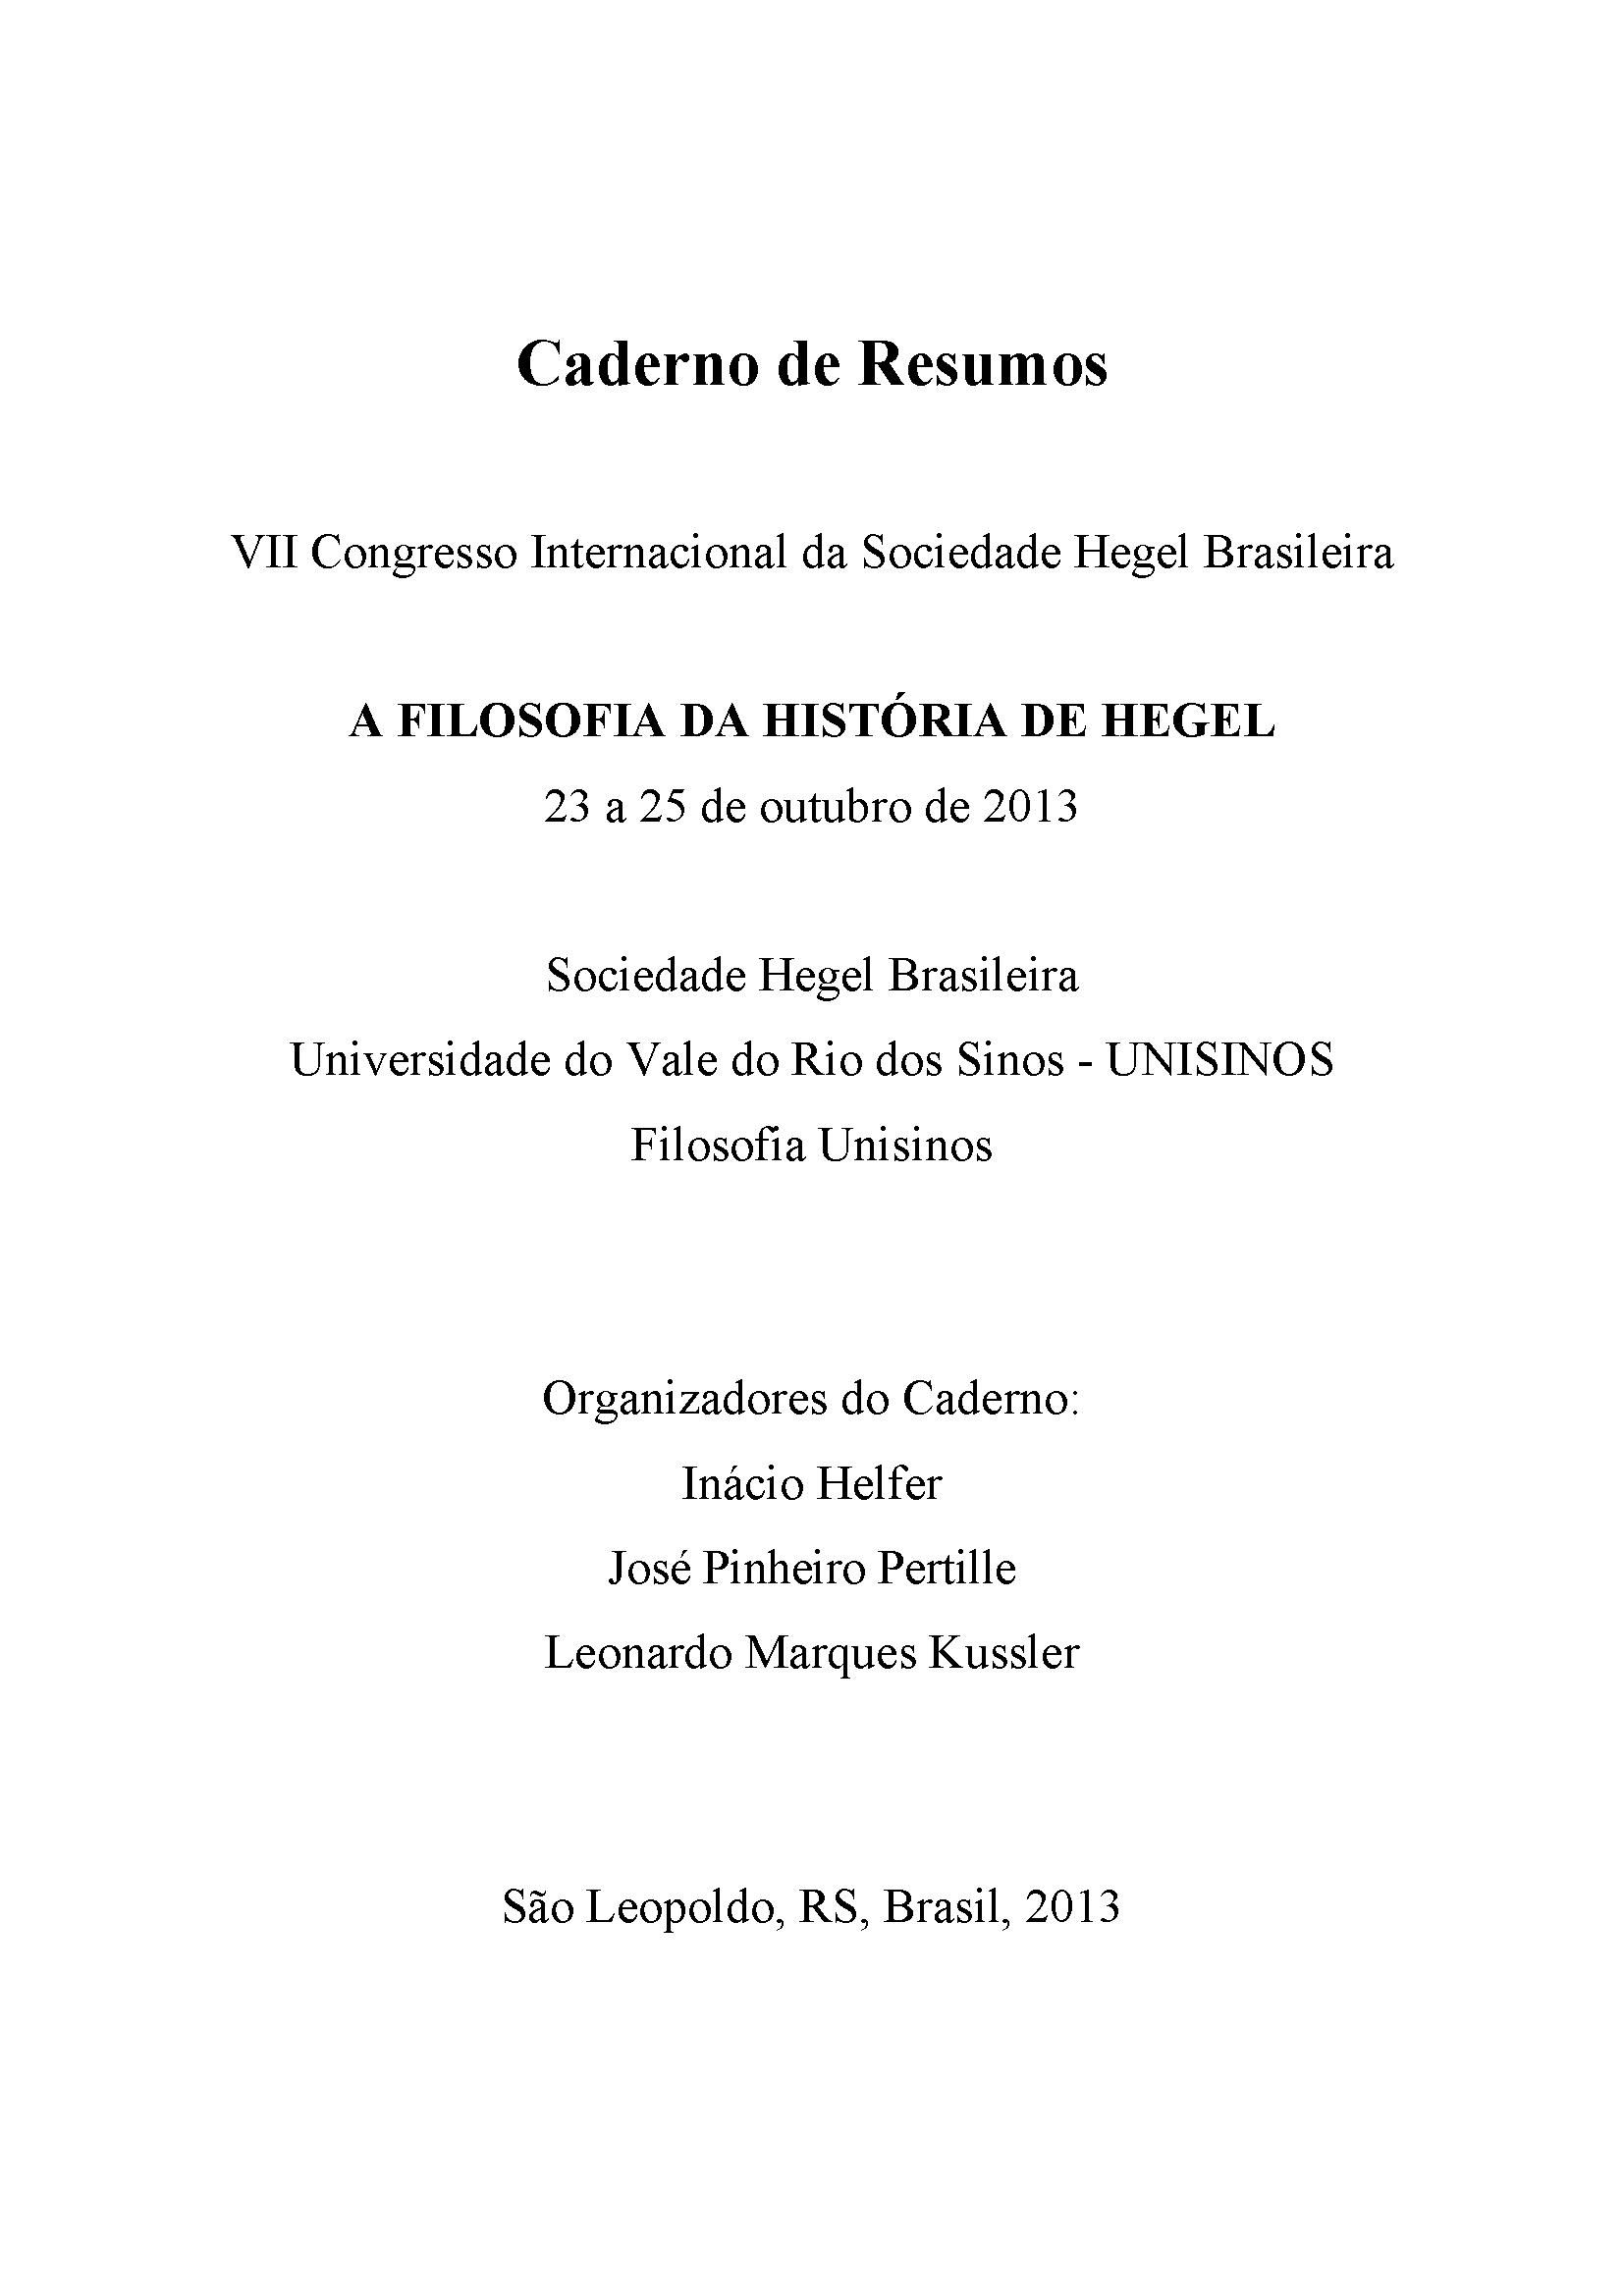 Cadernos de Resumos_Página_01